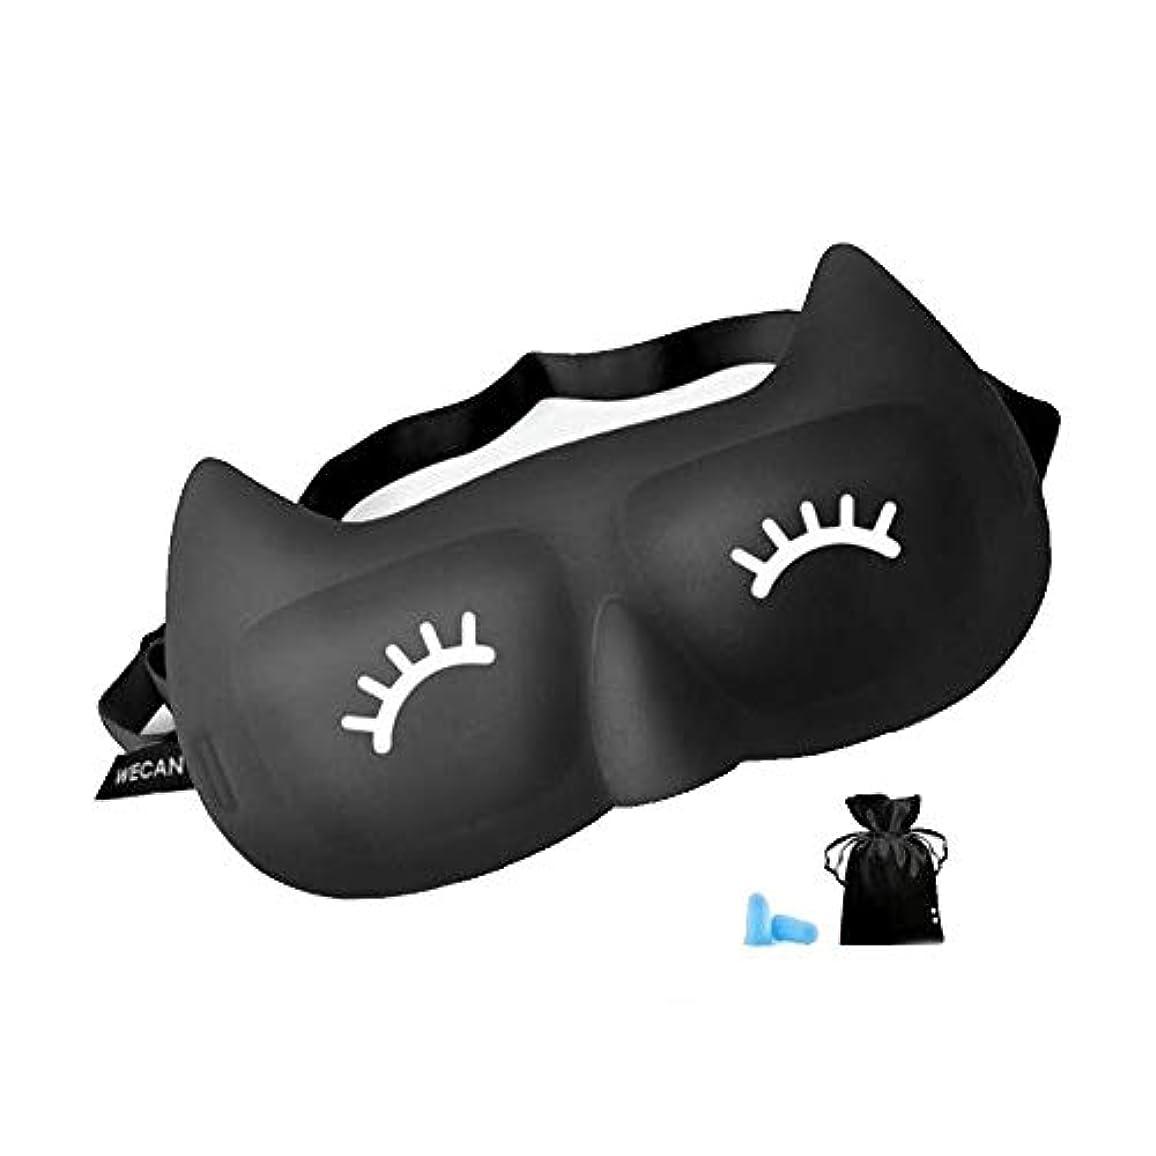 インポートバランスのとれた政治家HUICHEN 3Dゴーグルゴーグルゴーグル耳栓騒音防止睡眠睡眠睡眠停電ゴーグルの男性と女性の通気性の夏の快適カバーキュートな3次元ゴーグルゴーグル (Color : F)